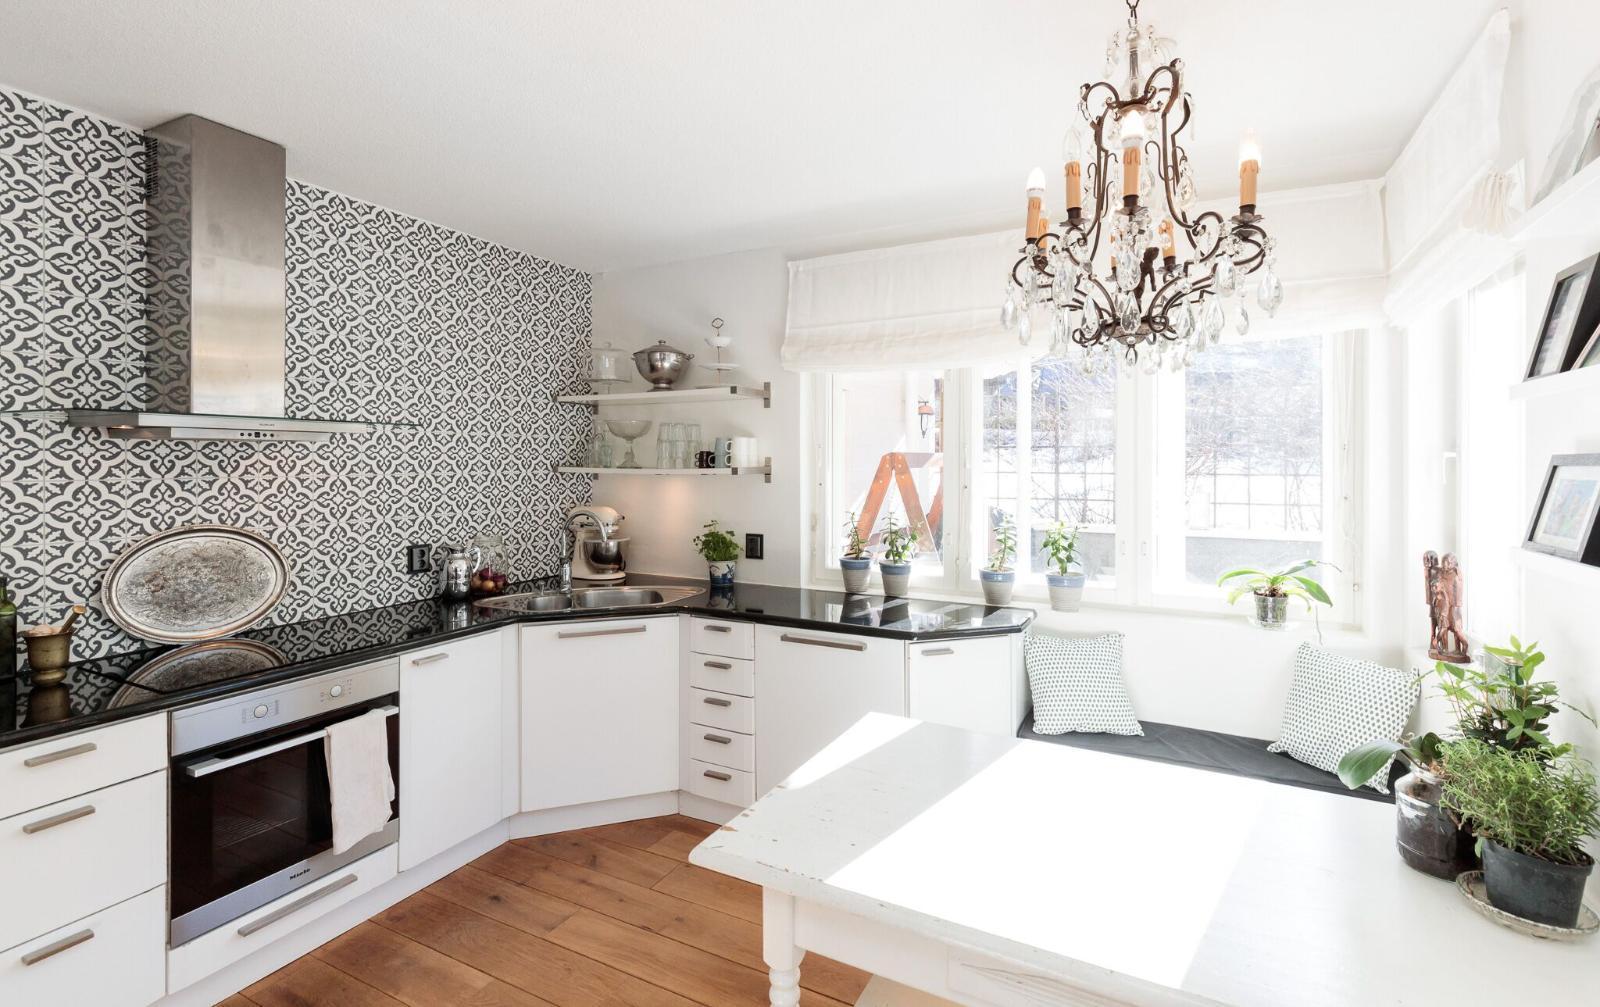 Valkoinen keittiö, valoisa keittiö  Etuovi com Ideat & vinkit